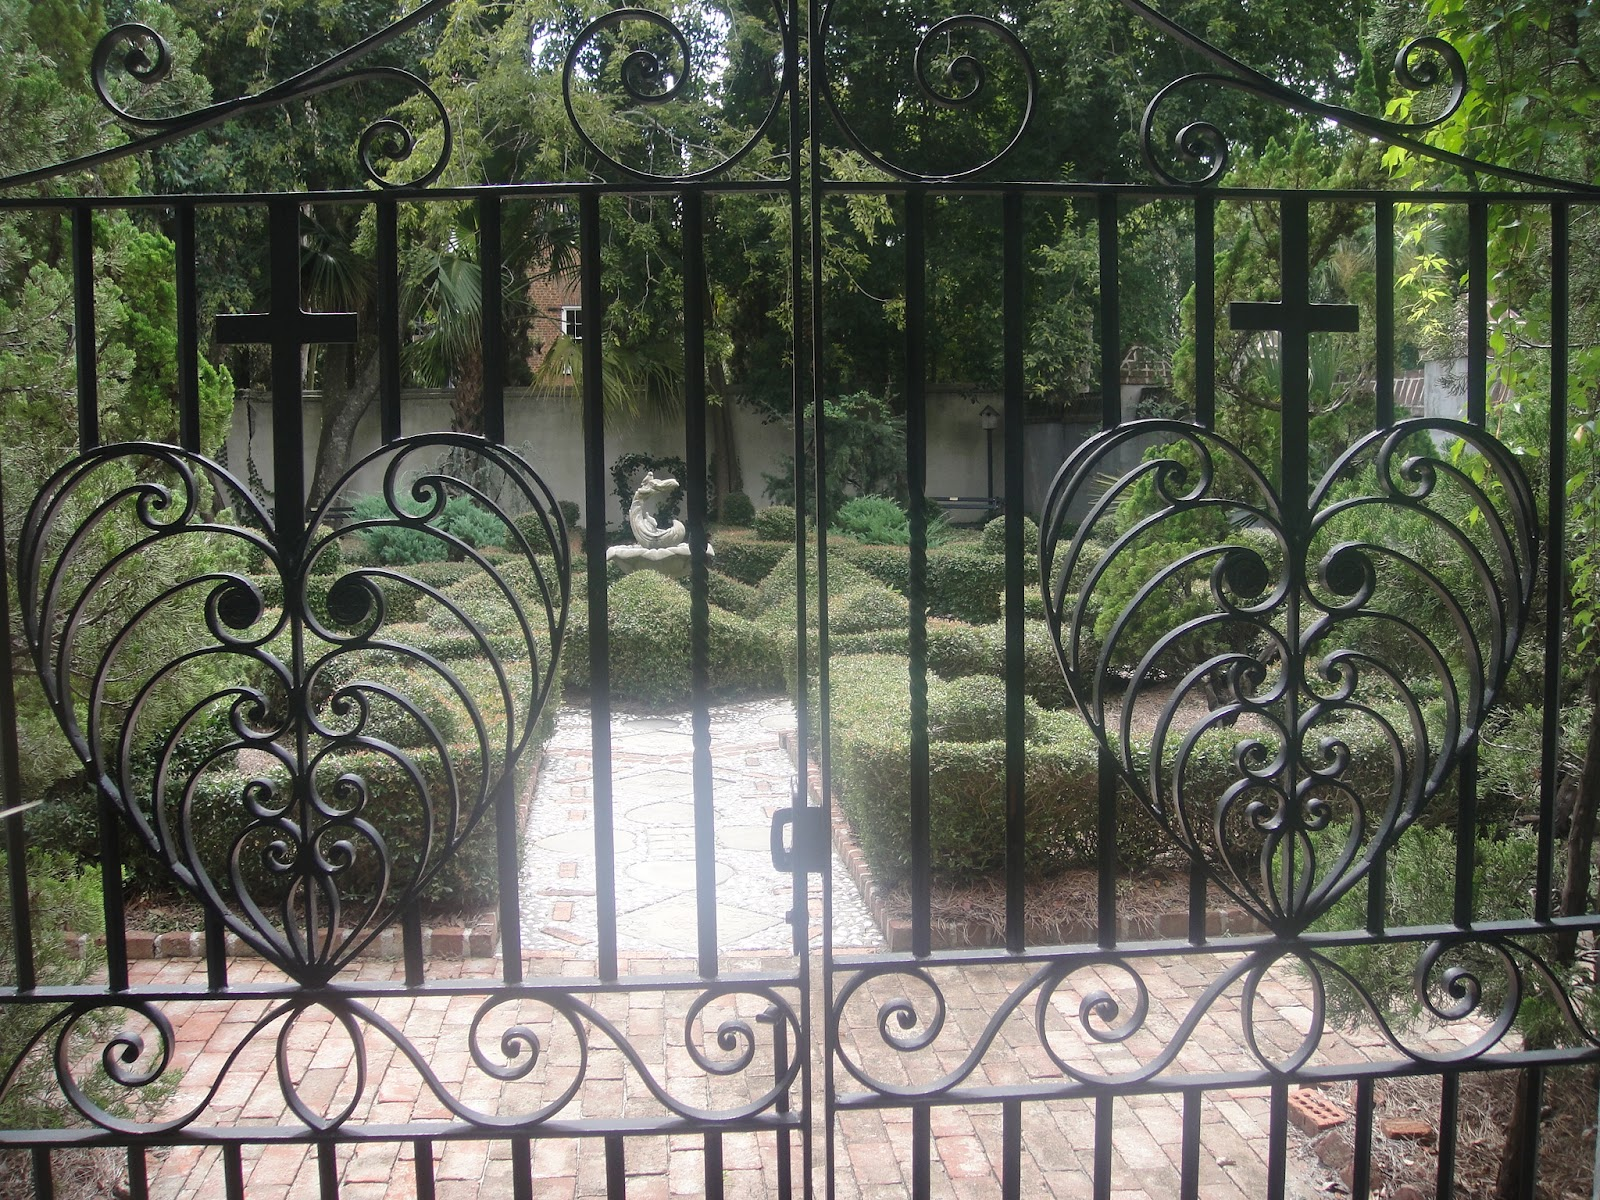 Gardenenvy: i heart philip simmons garden